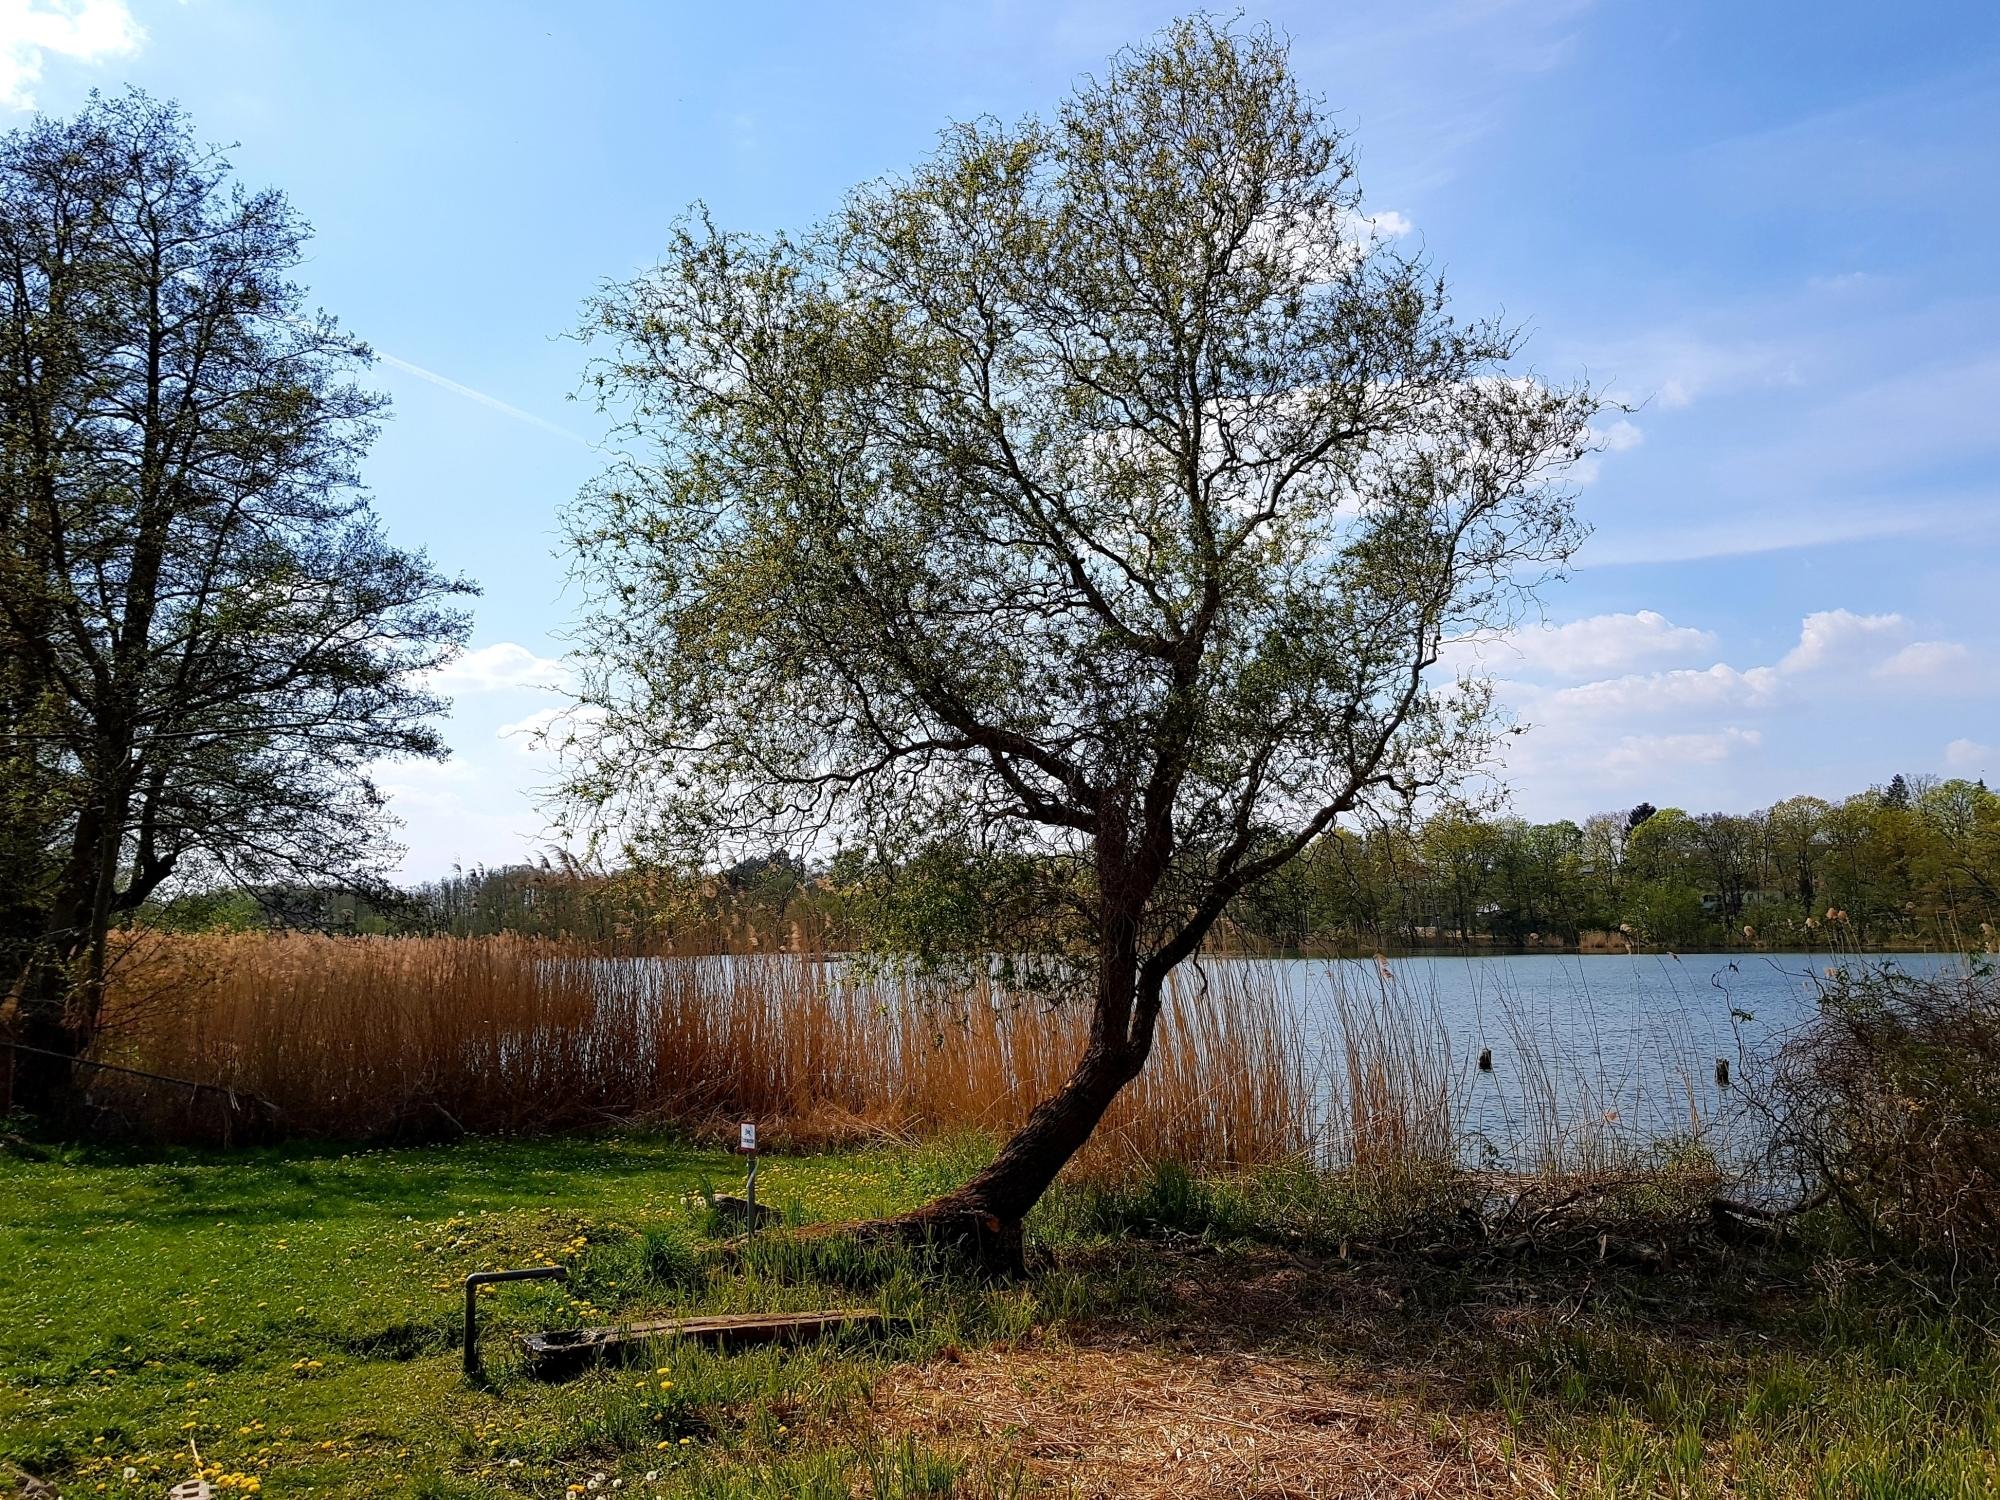 66-Seen-Wanderweg an der Quelle des Kleinen Stienitzsee